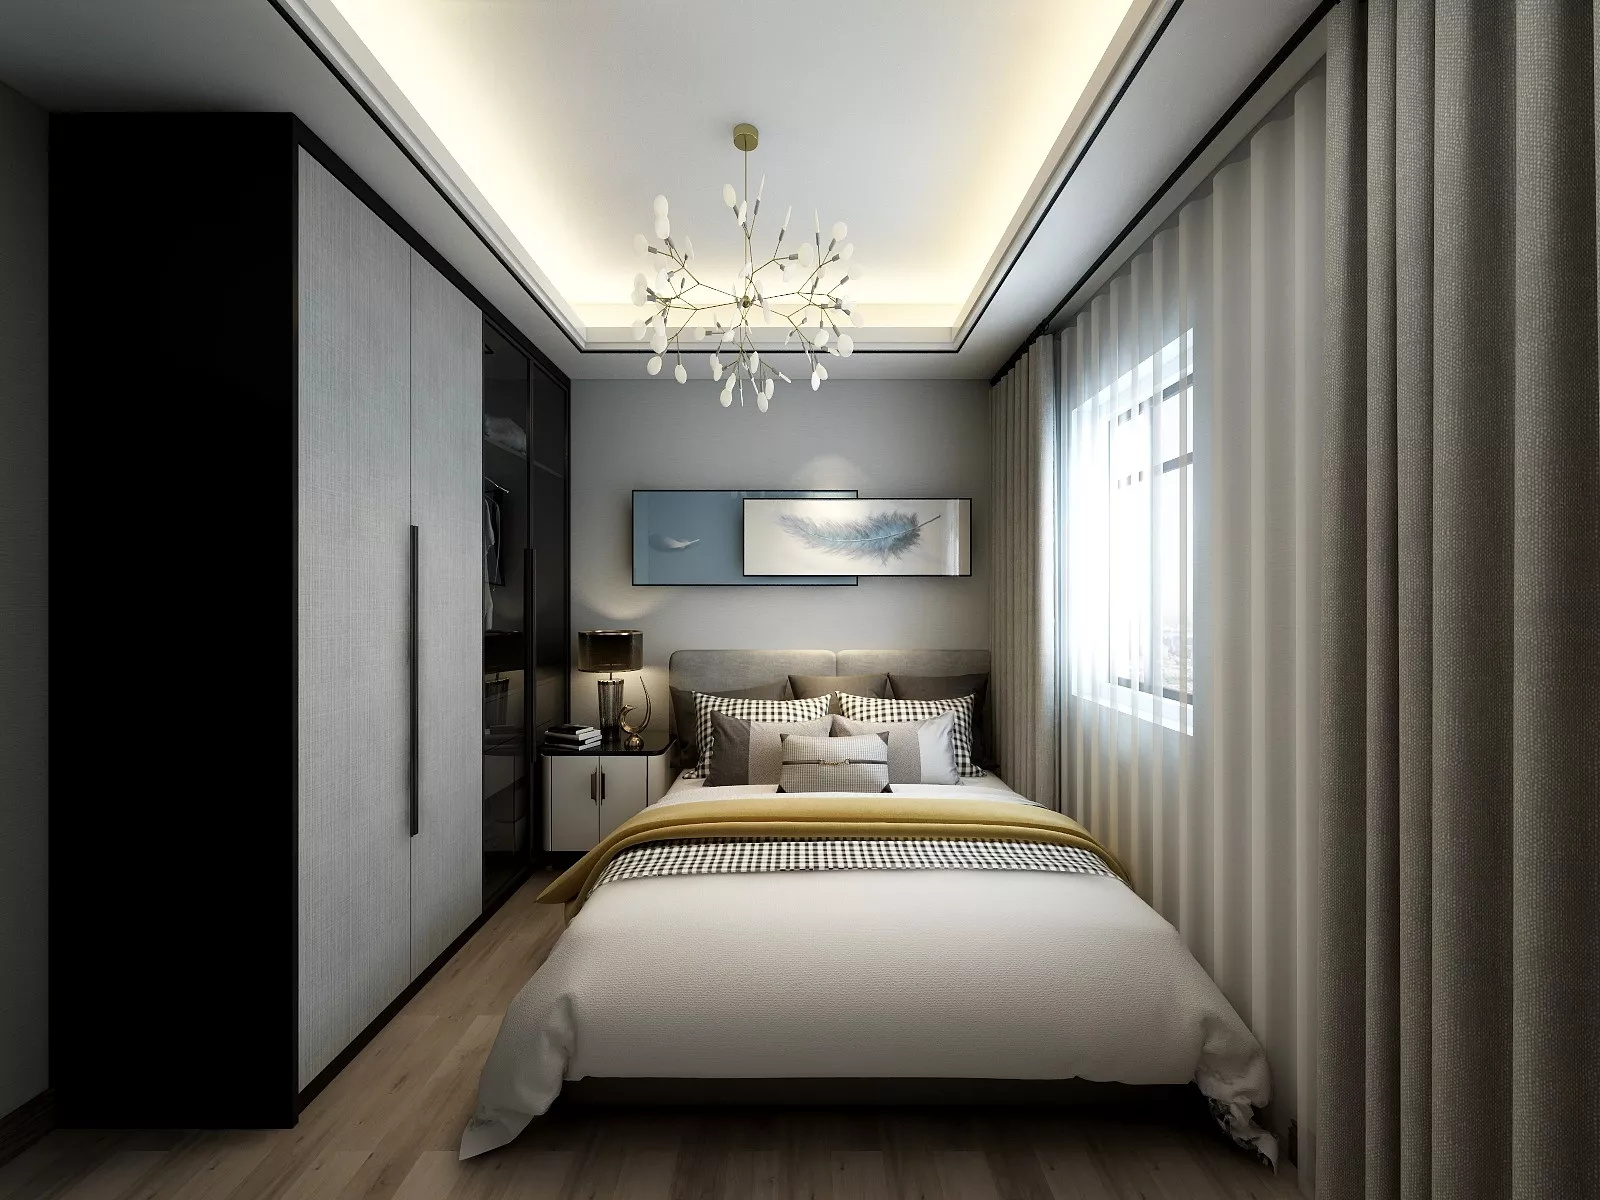 时尚黑色大气风格卧室装修效果图